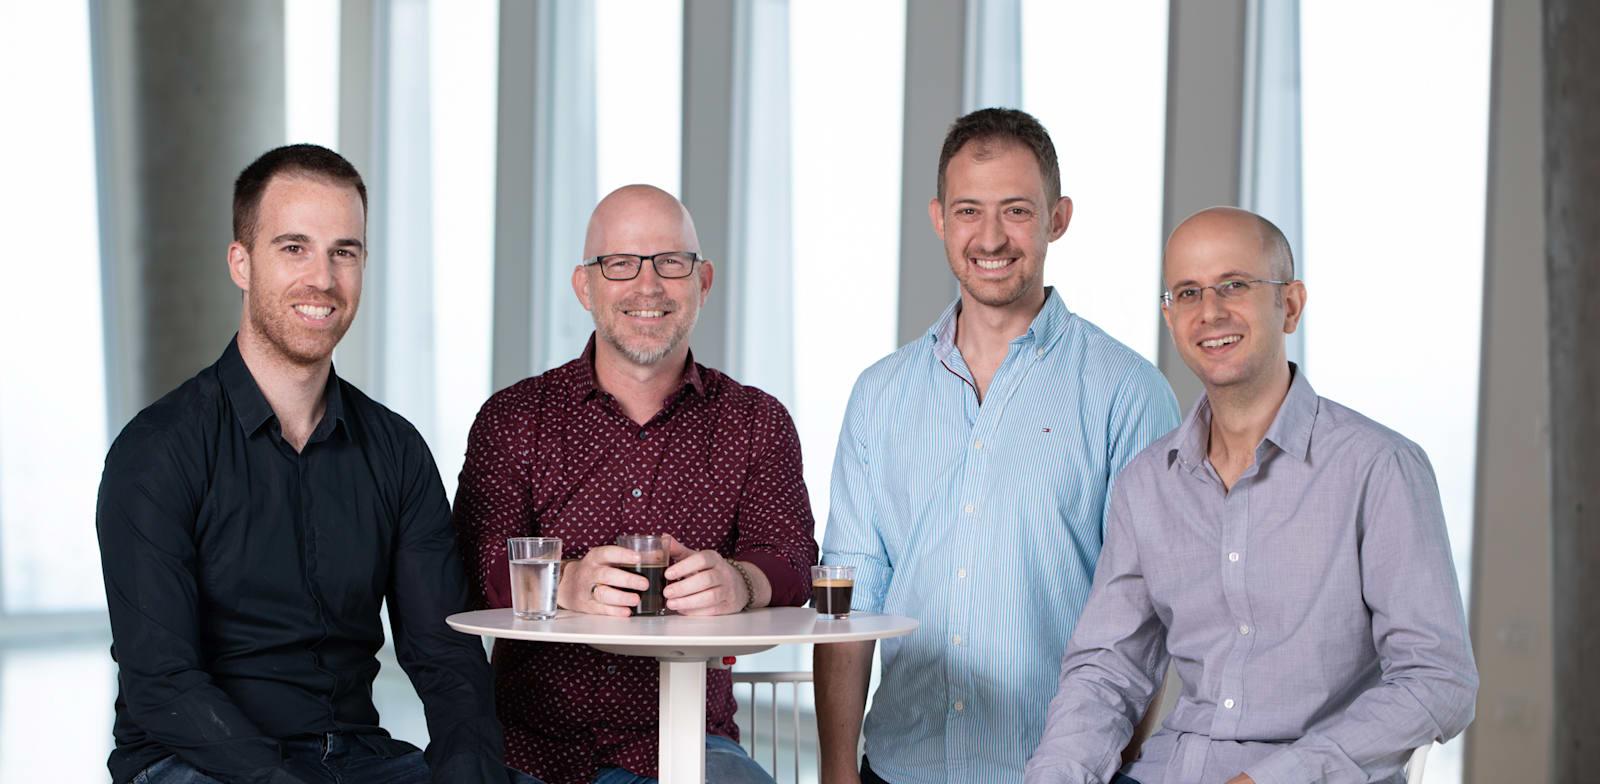 צוות החברה (מימין לשמאל): לוטן חורב, אלירון אמיר, אבי וידמן ואלברט אכטרברג / צילום: David Garb